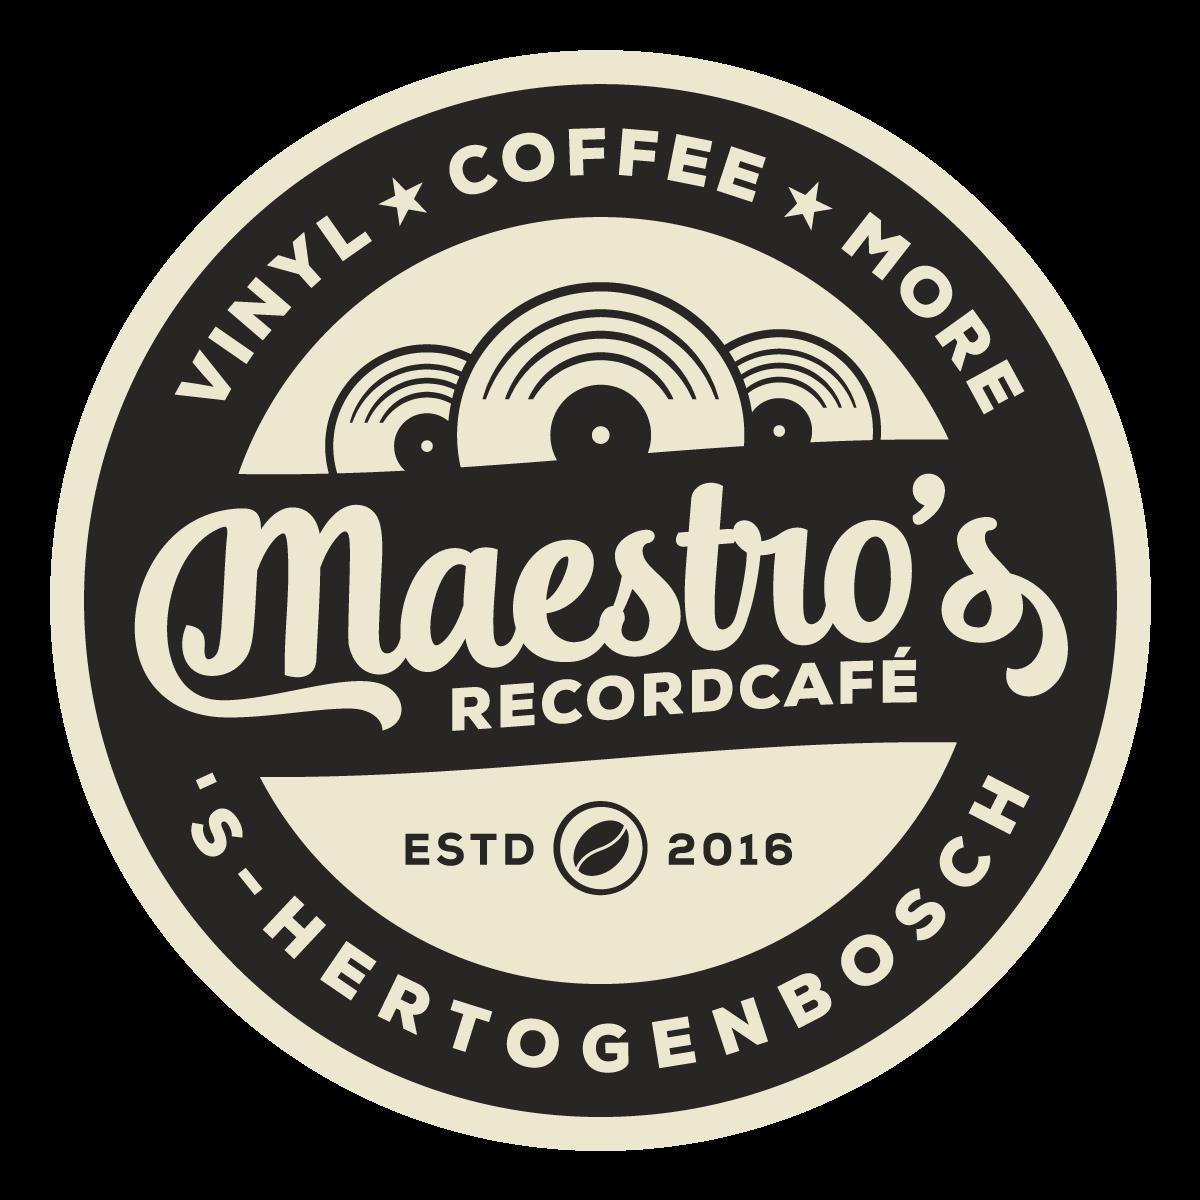 Vinyl * Coffee * More